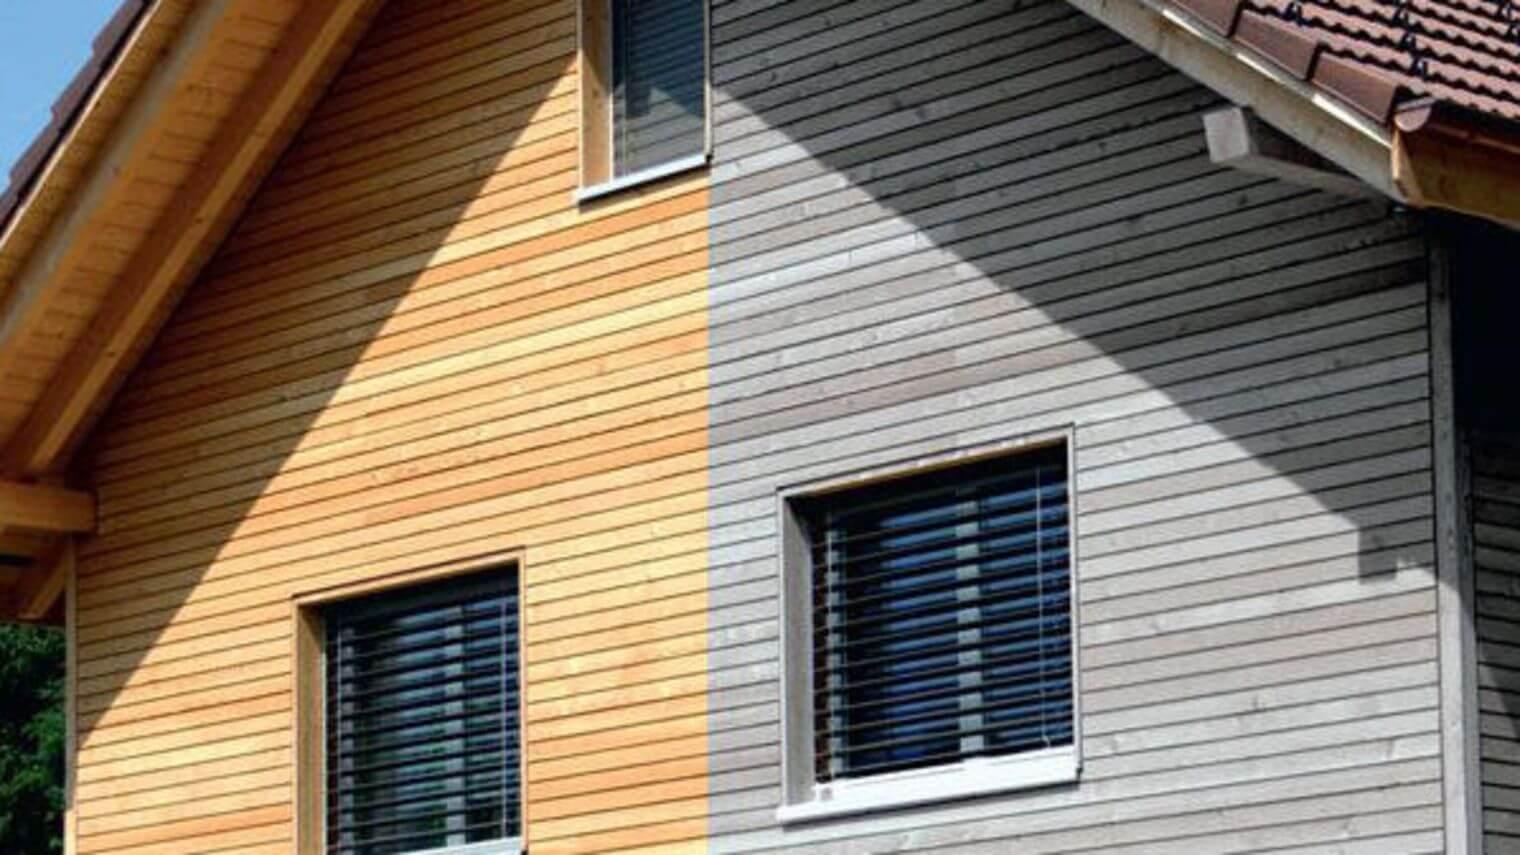 Produit Nettoyage Bardage Pvc nettoyage de façade en bardage : ce qu'il faut savoir